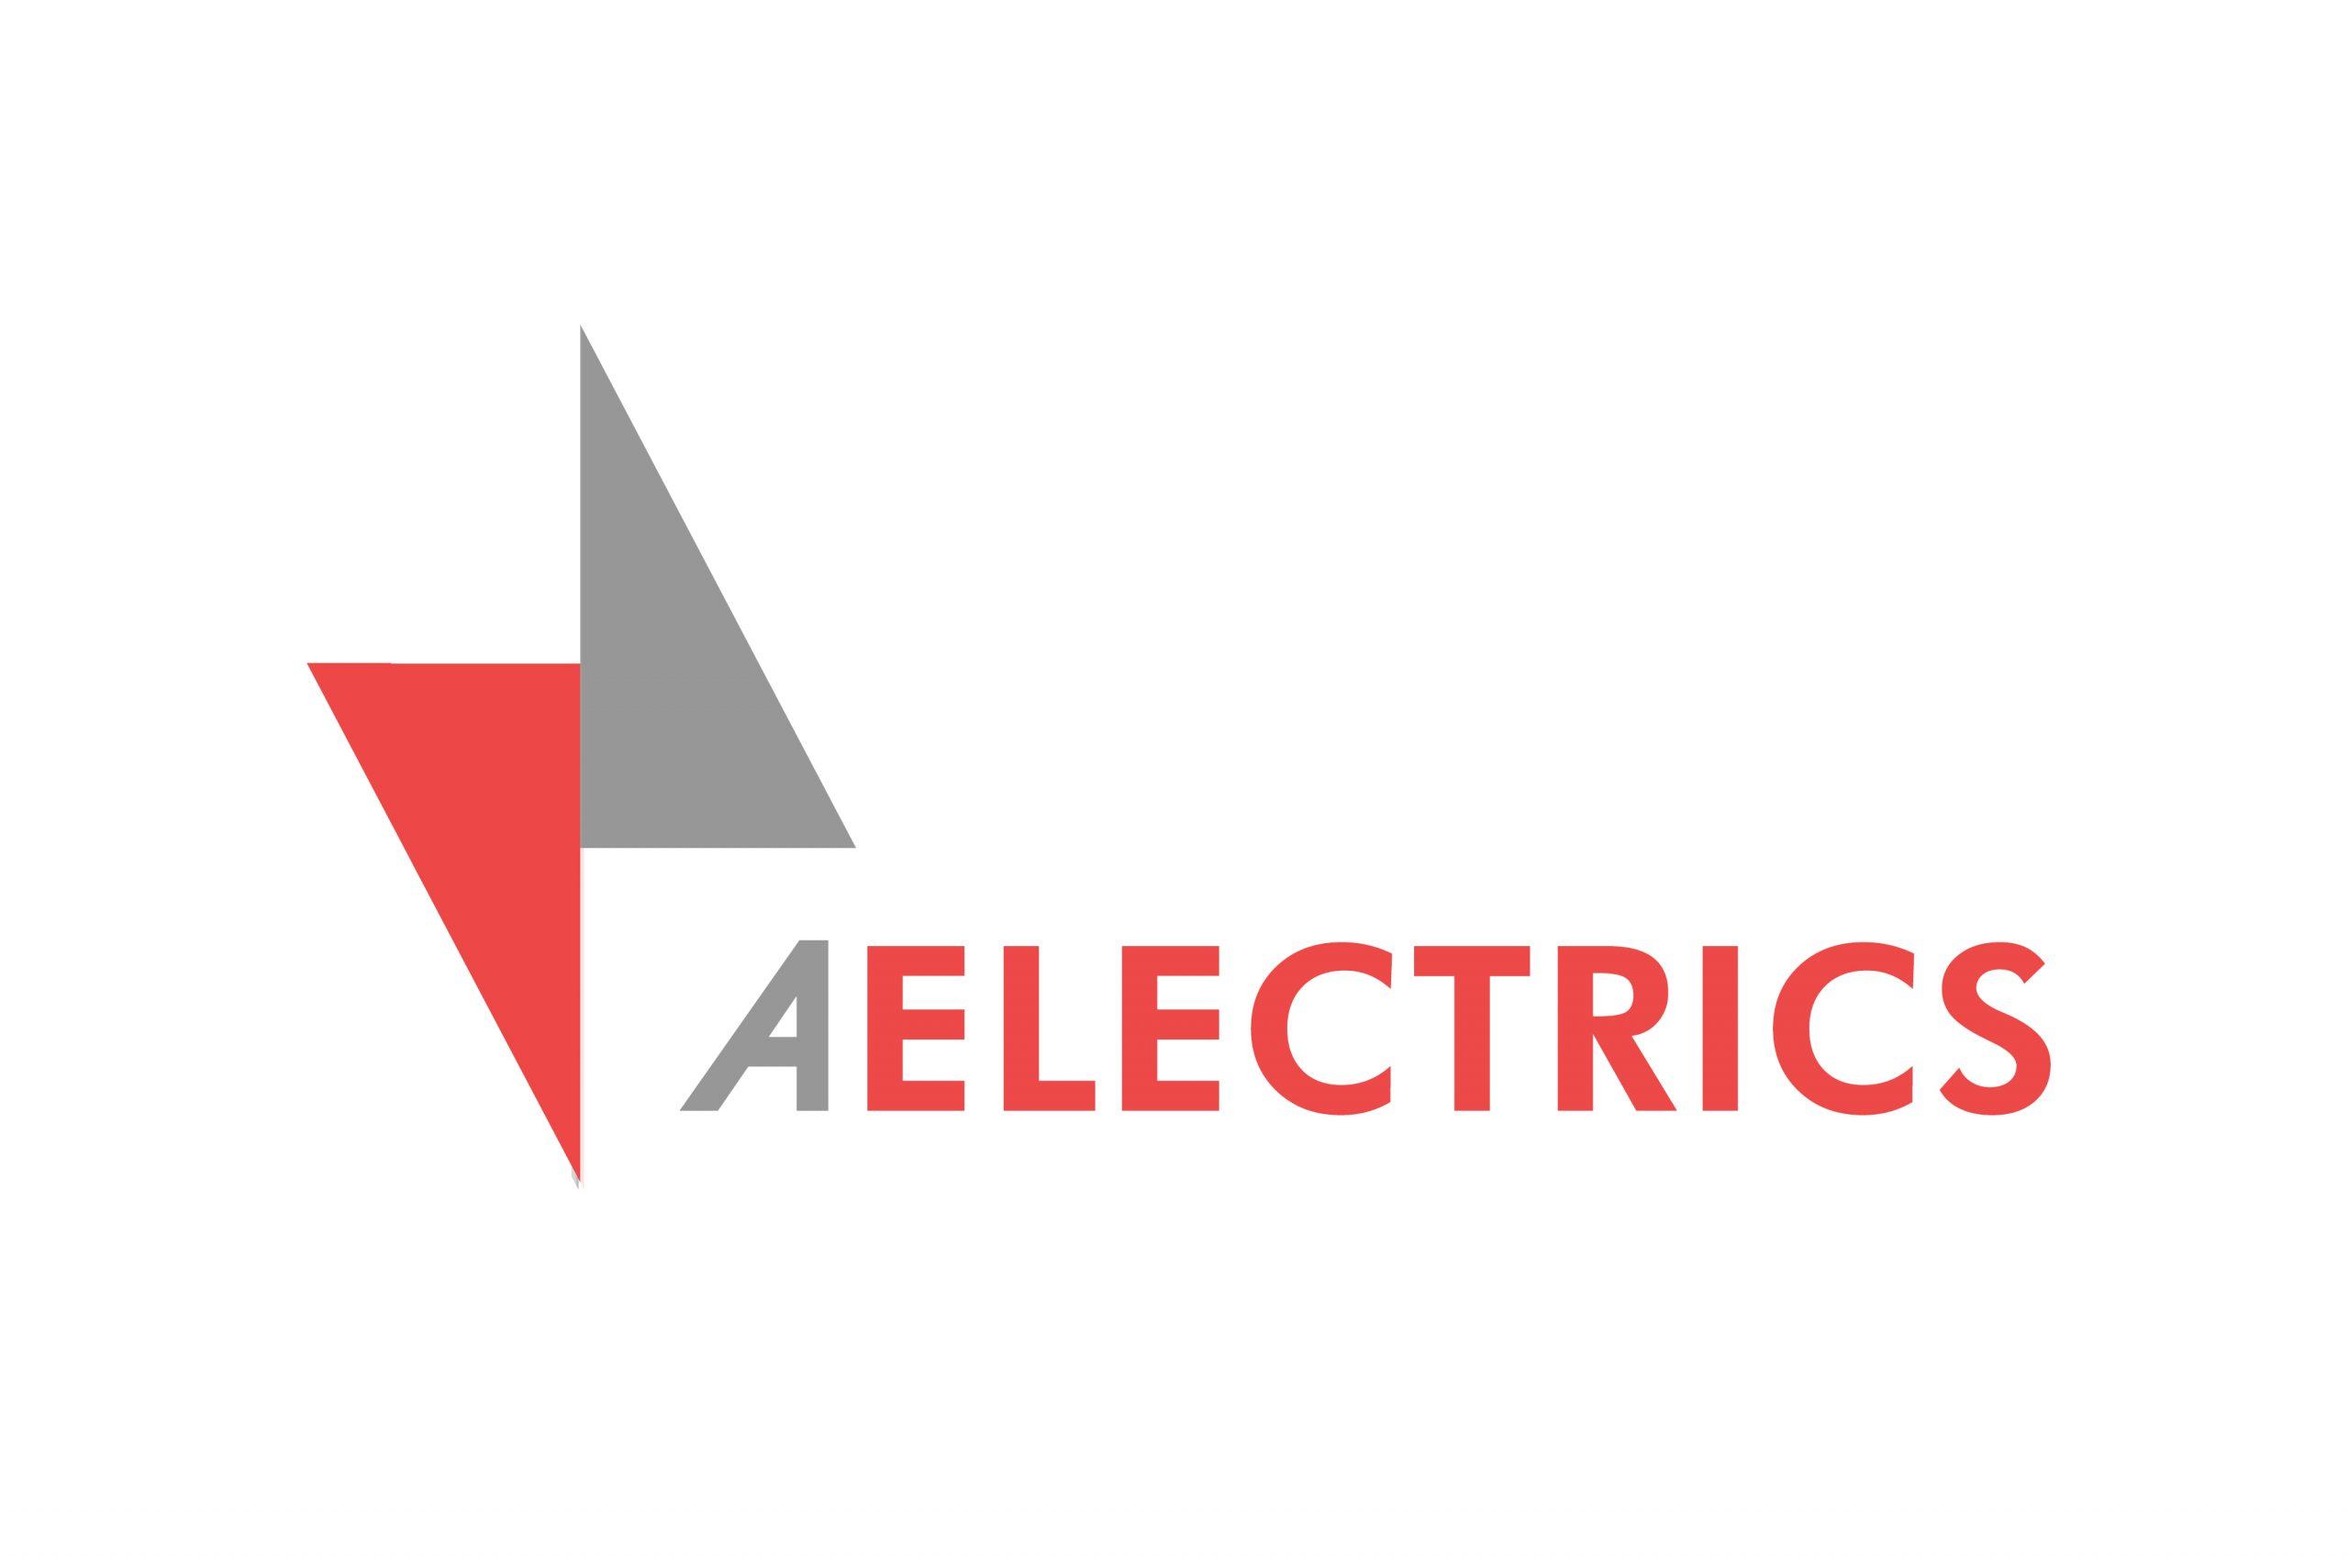 Aelectrics